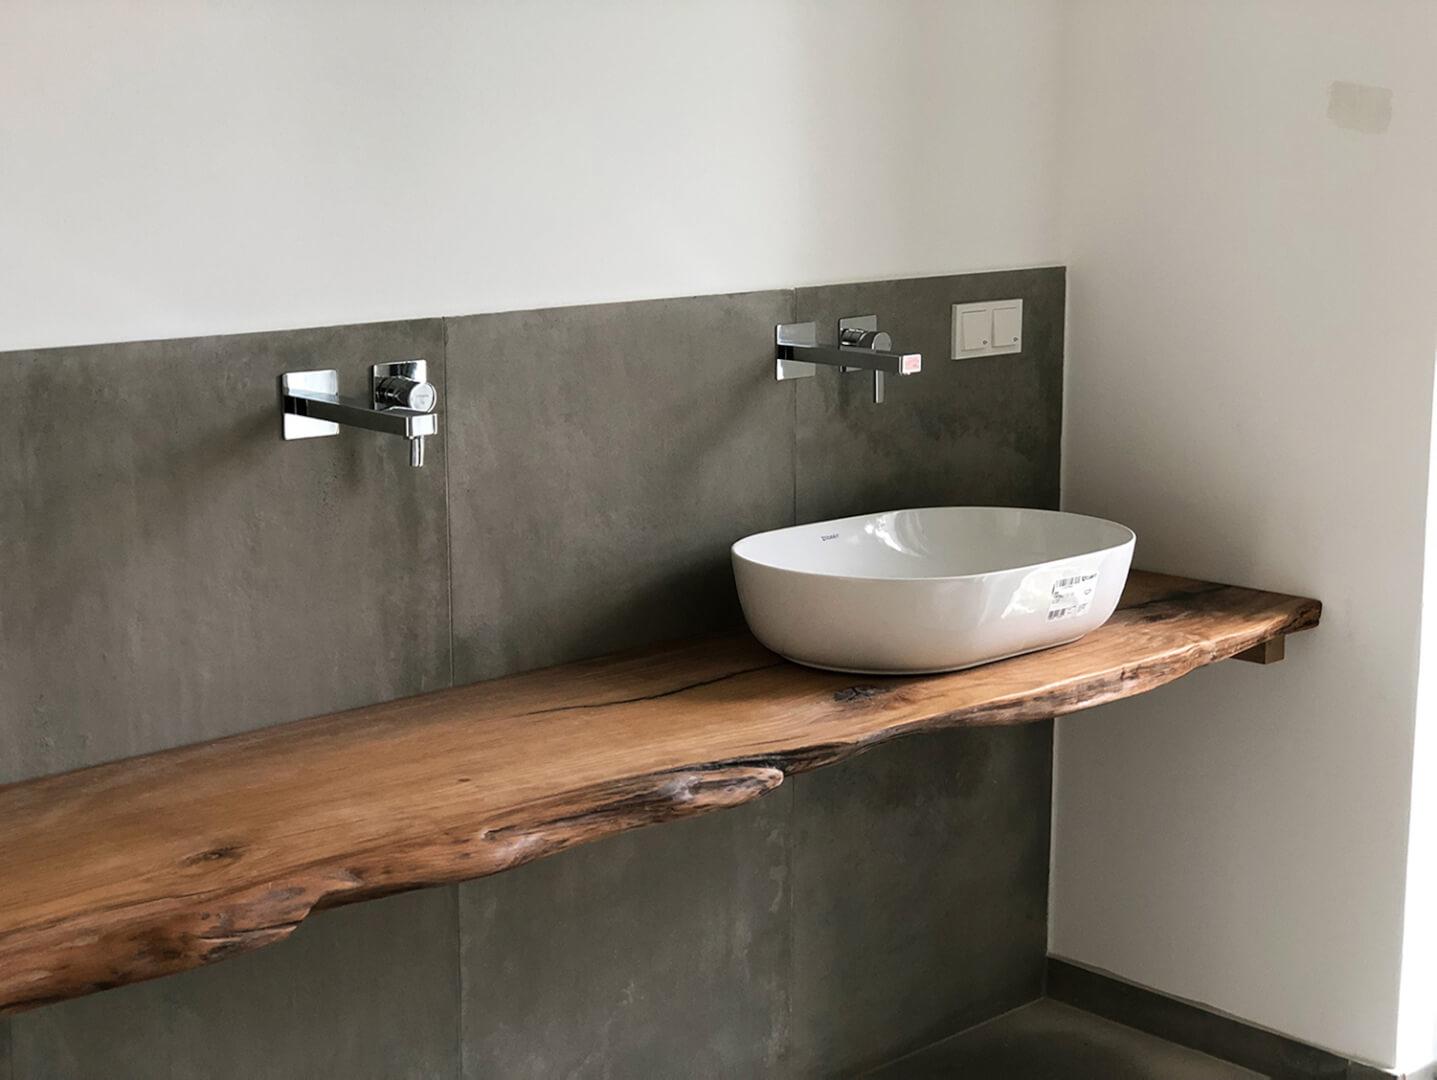 Waschtisch | mit Waschbecken | Waschtisch Naturholz